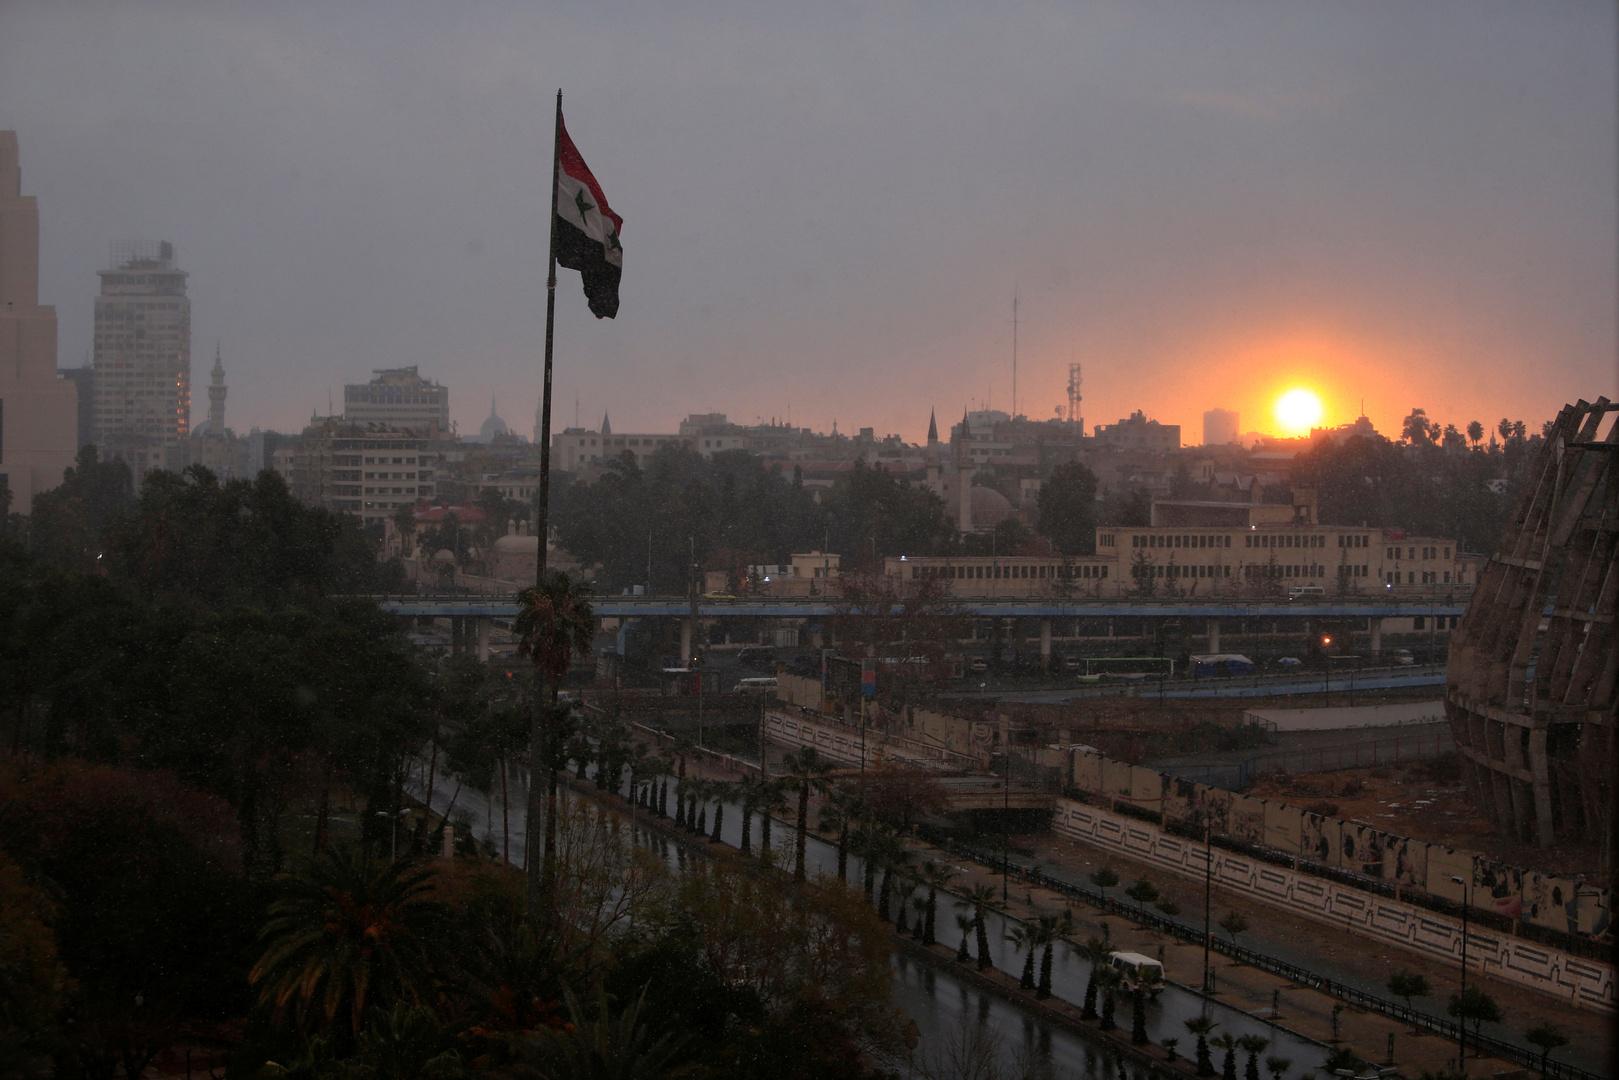 معاون وزير الخارجية السوري: هناك اتصالات معلنة وغير معلنة تهدف لتطوير العلاقات مع الدول الأخرى